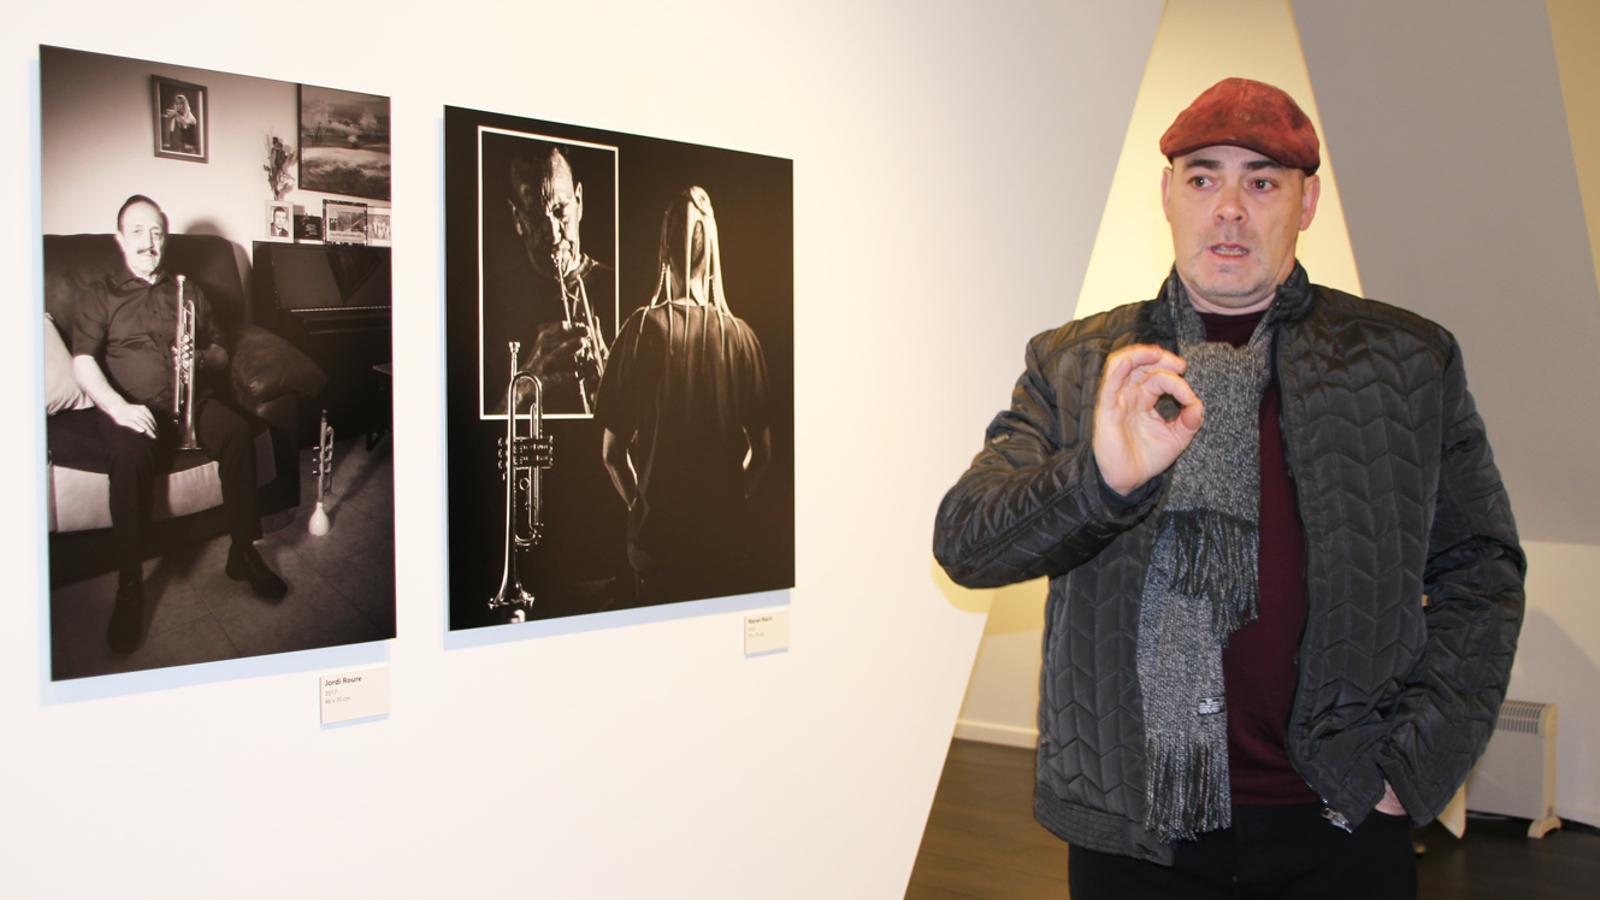 L'impulsor i coordinador del projecte 'retratsmúsicsandorra', Pep Aguareles, comenta les fotografies de Jordi Roure i Manel Martí. / E. J. M. (ANA)